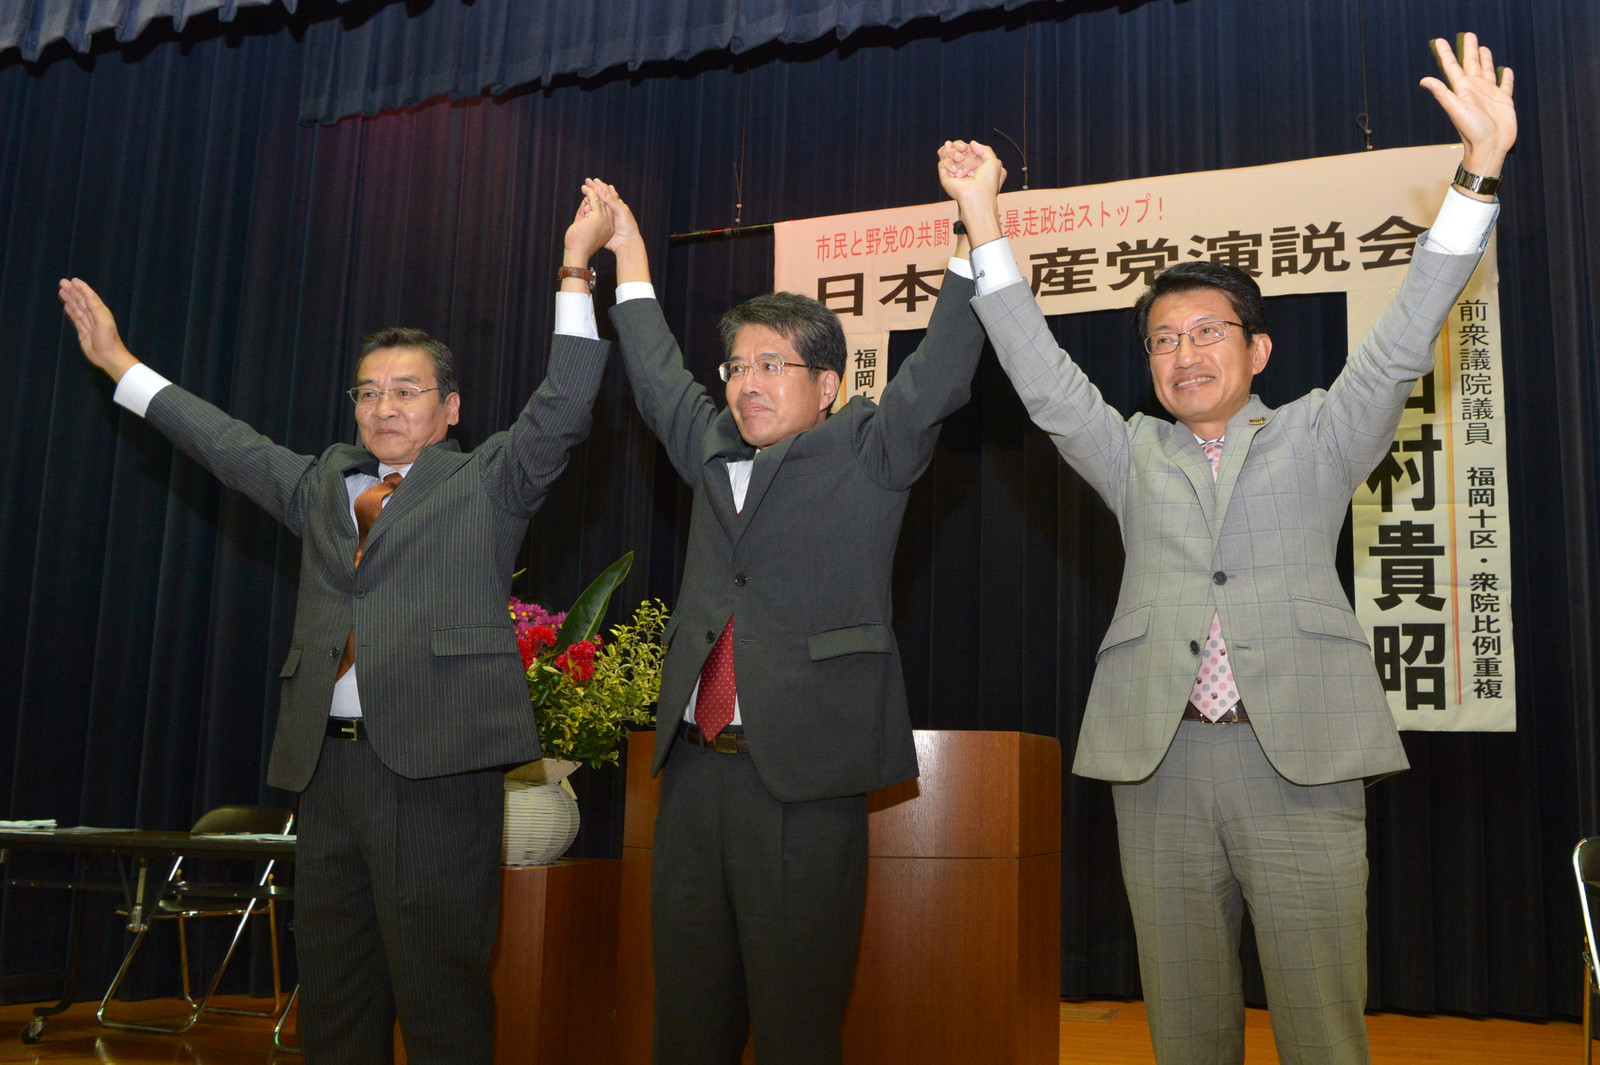 拍手に応える(右から)田村、たけうち、高橋各候補=7日、福岡県苅田町